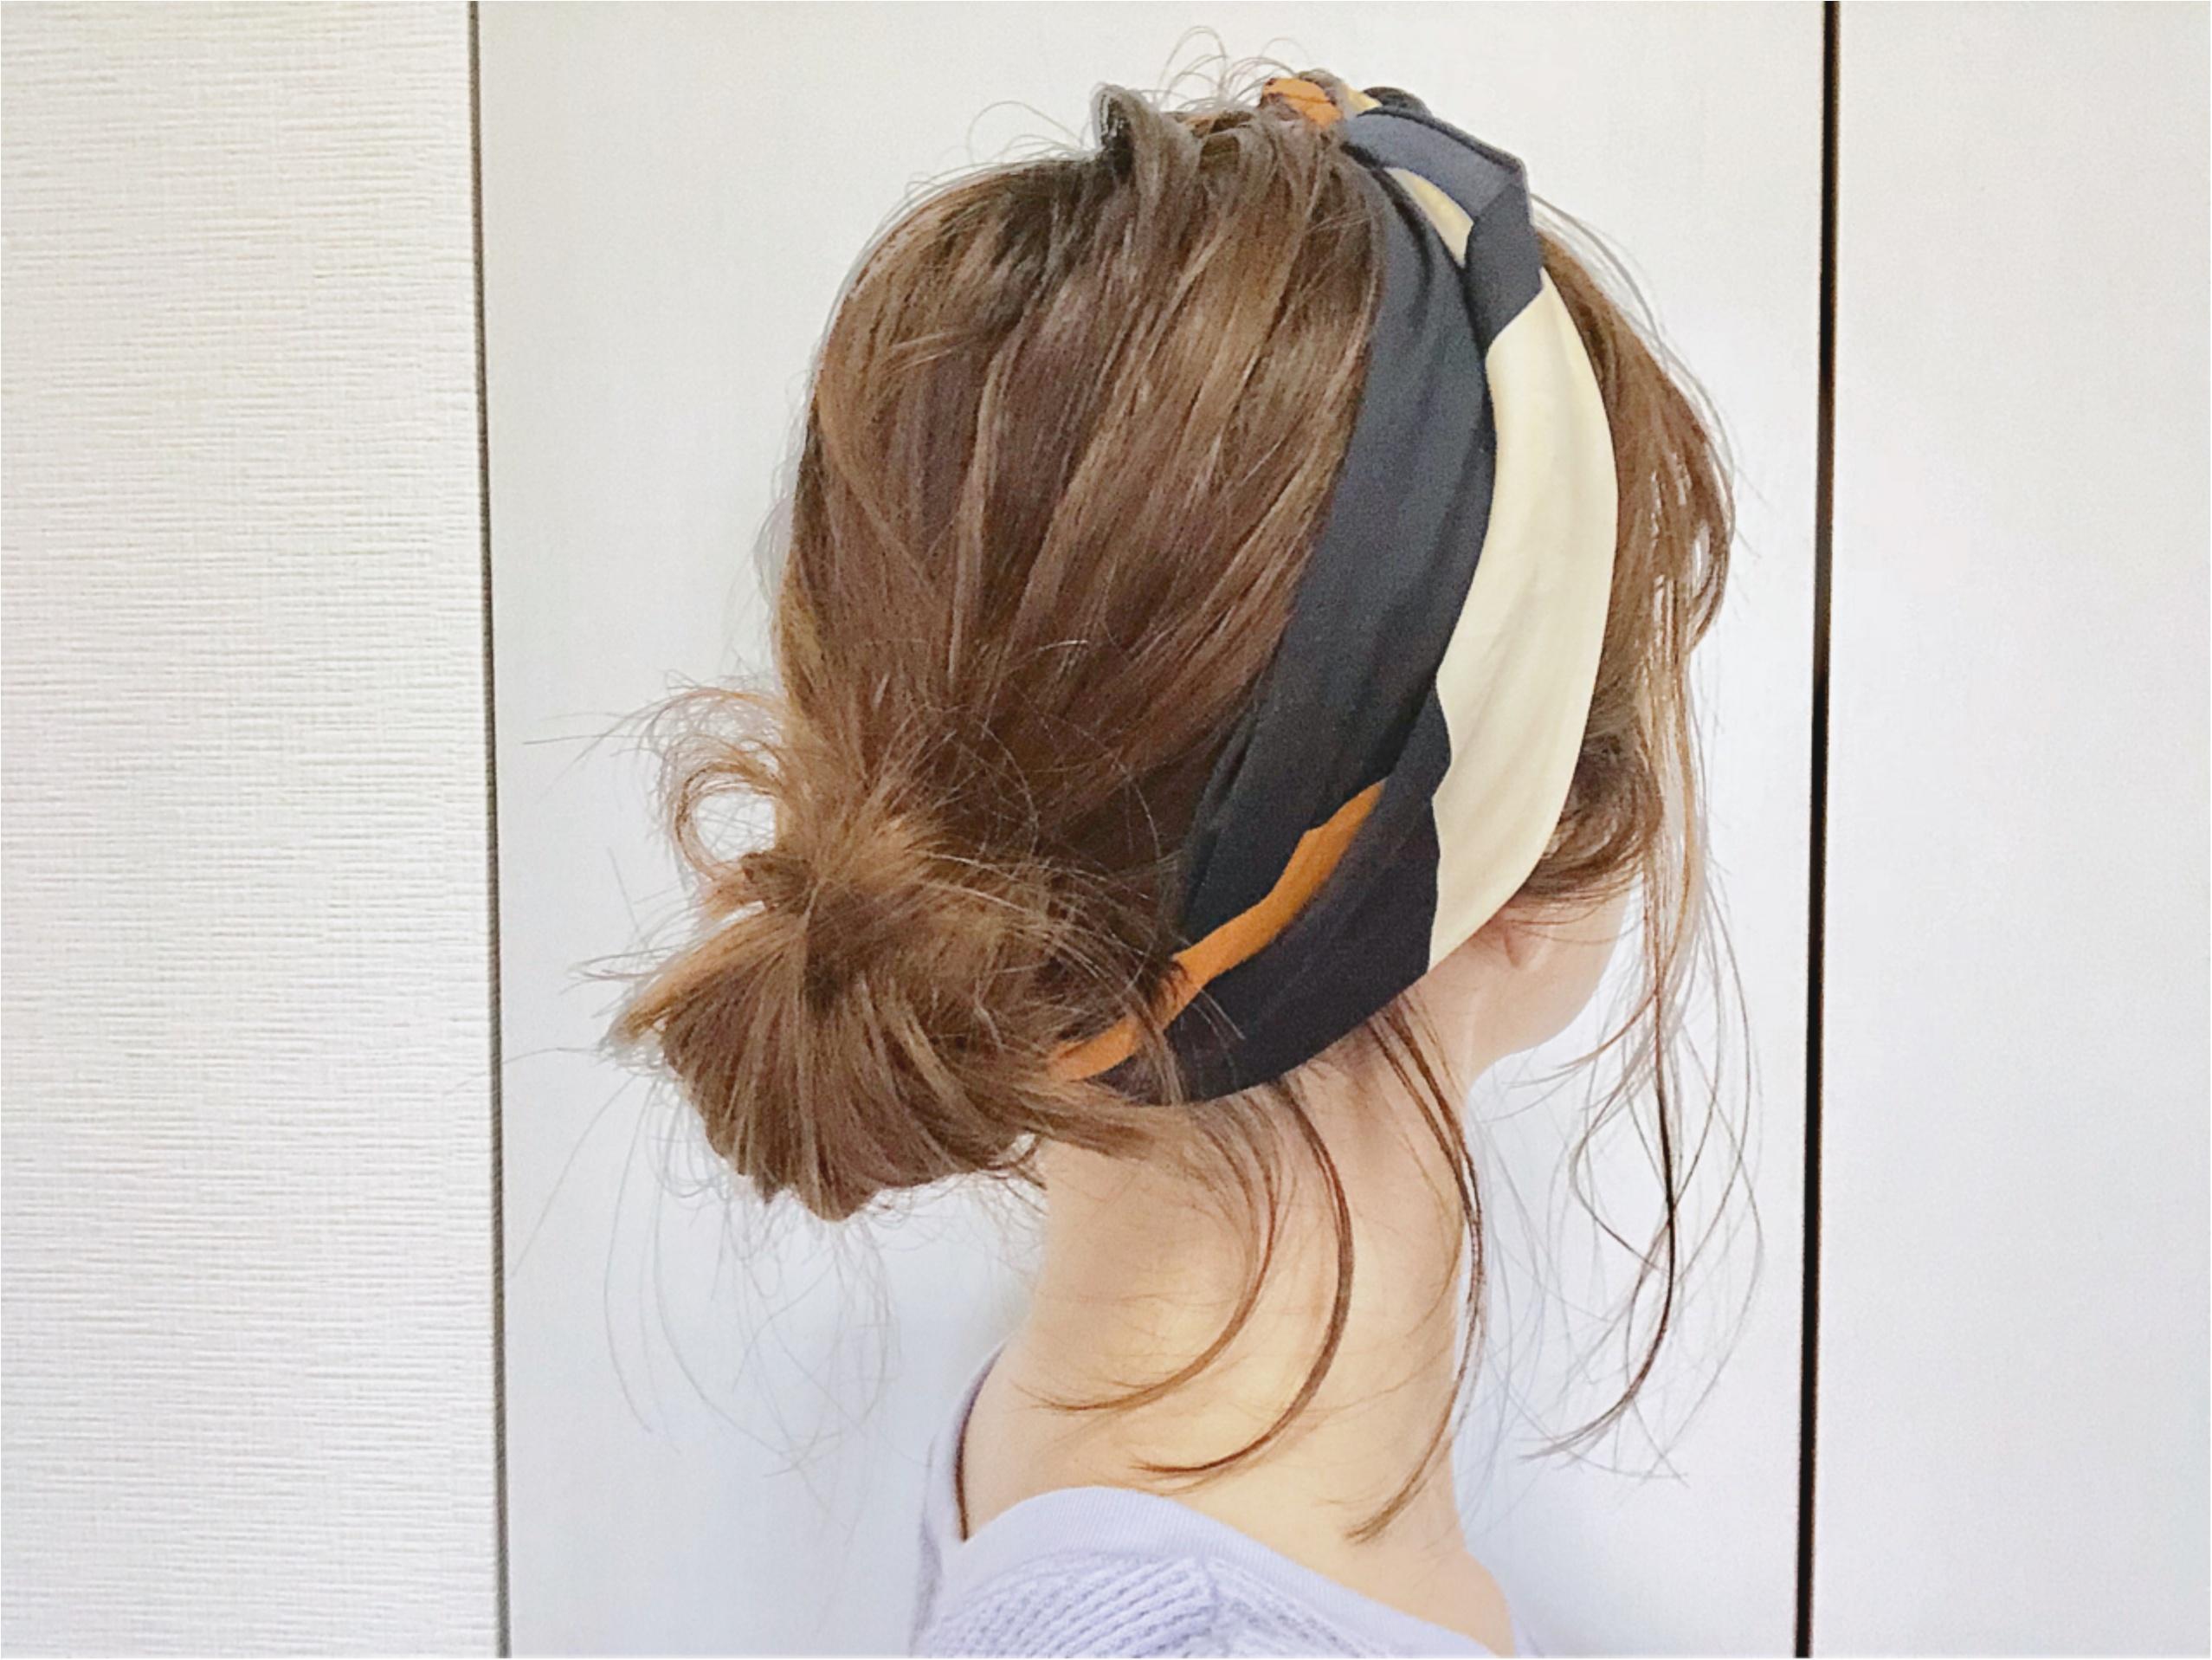 《トレンドアイテムで1分ヘアアレンジ》暑い日にも忙しい朝にも【スカーフ】がお役立ち❤️_8